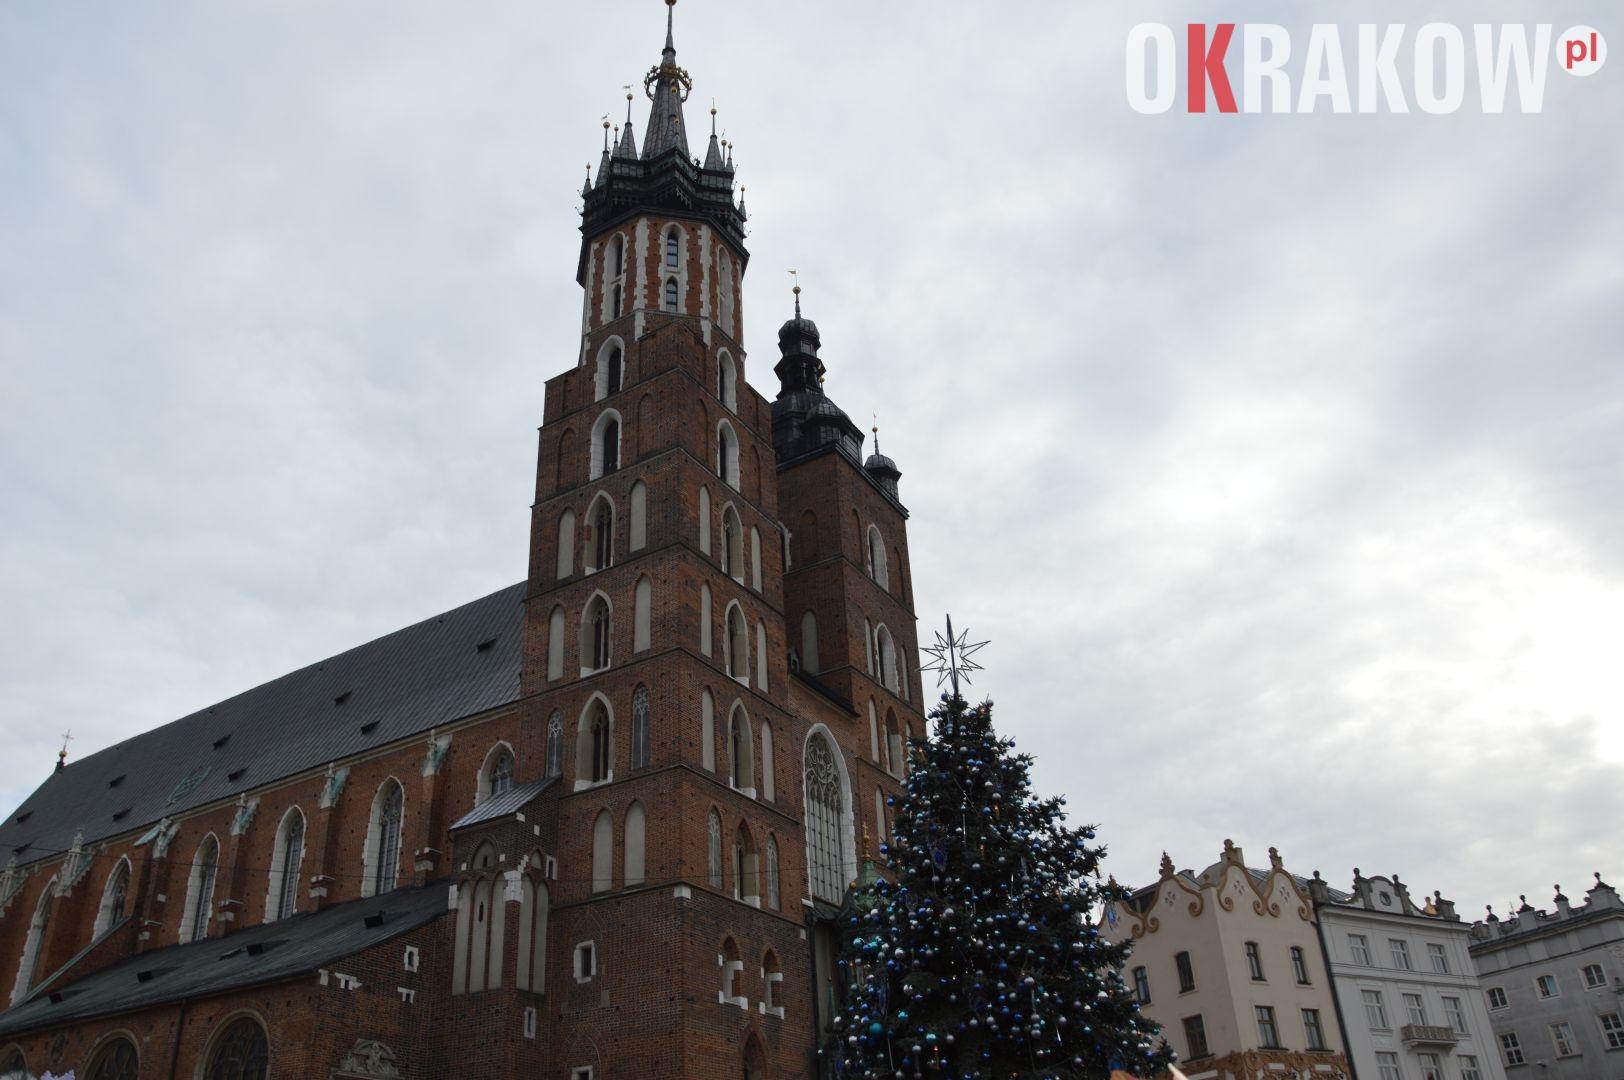 orszak 49 1 150x150 - Orszak Trzech Króli Kraków 2020 Galeria Zdjęć z Orszaku (czerwonego)